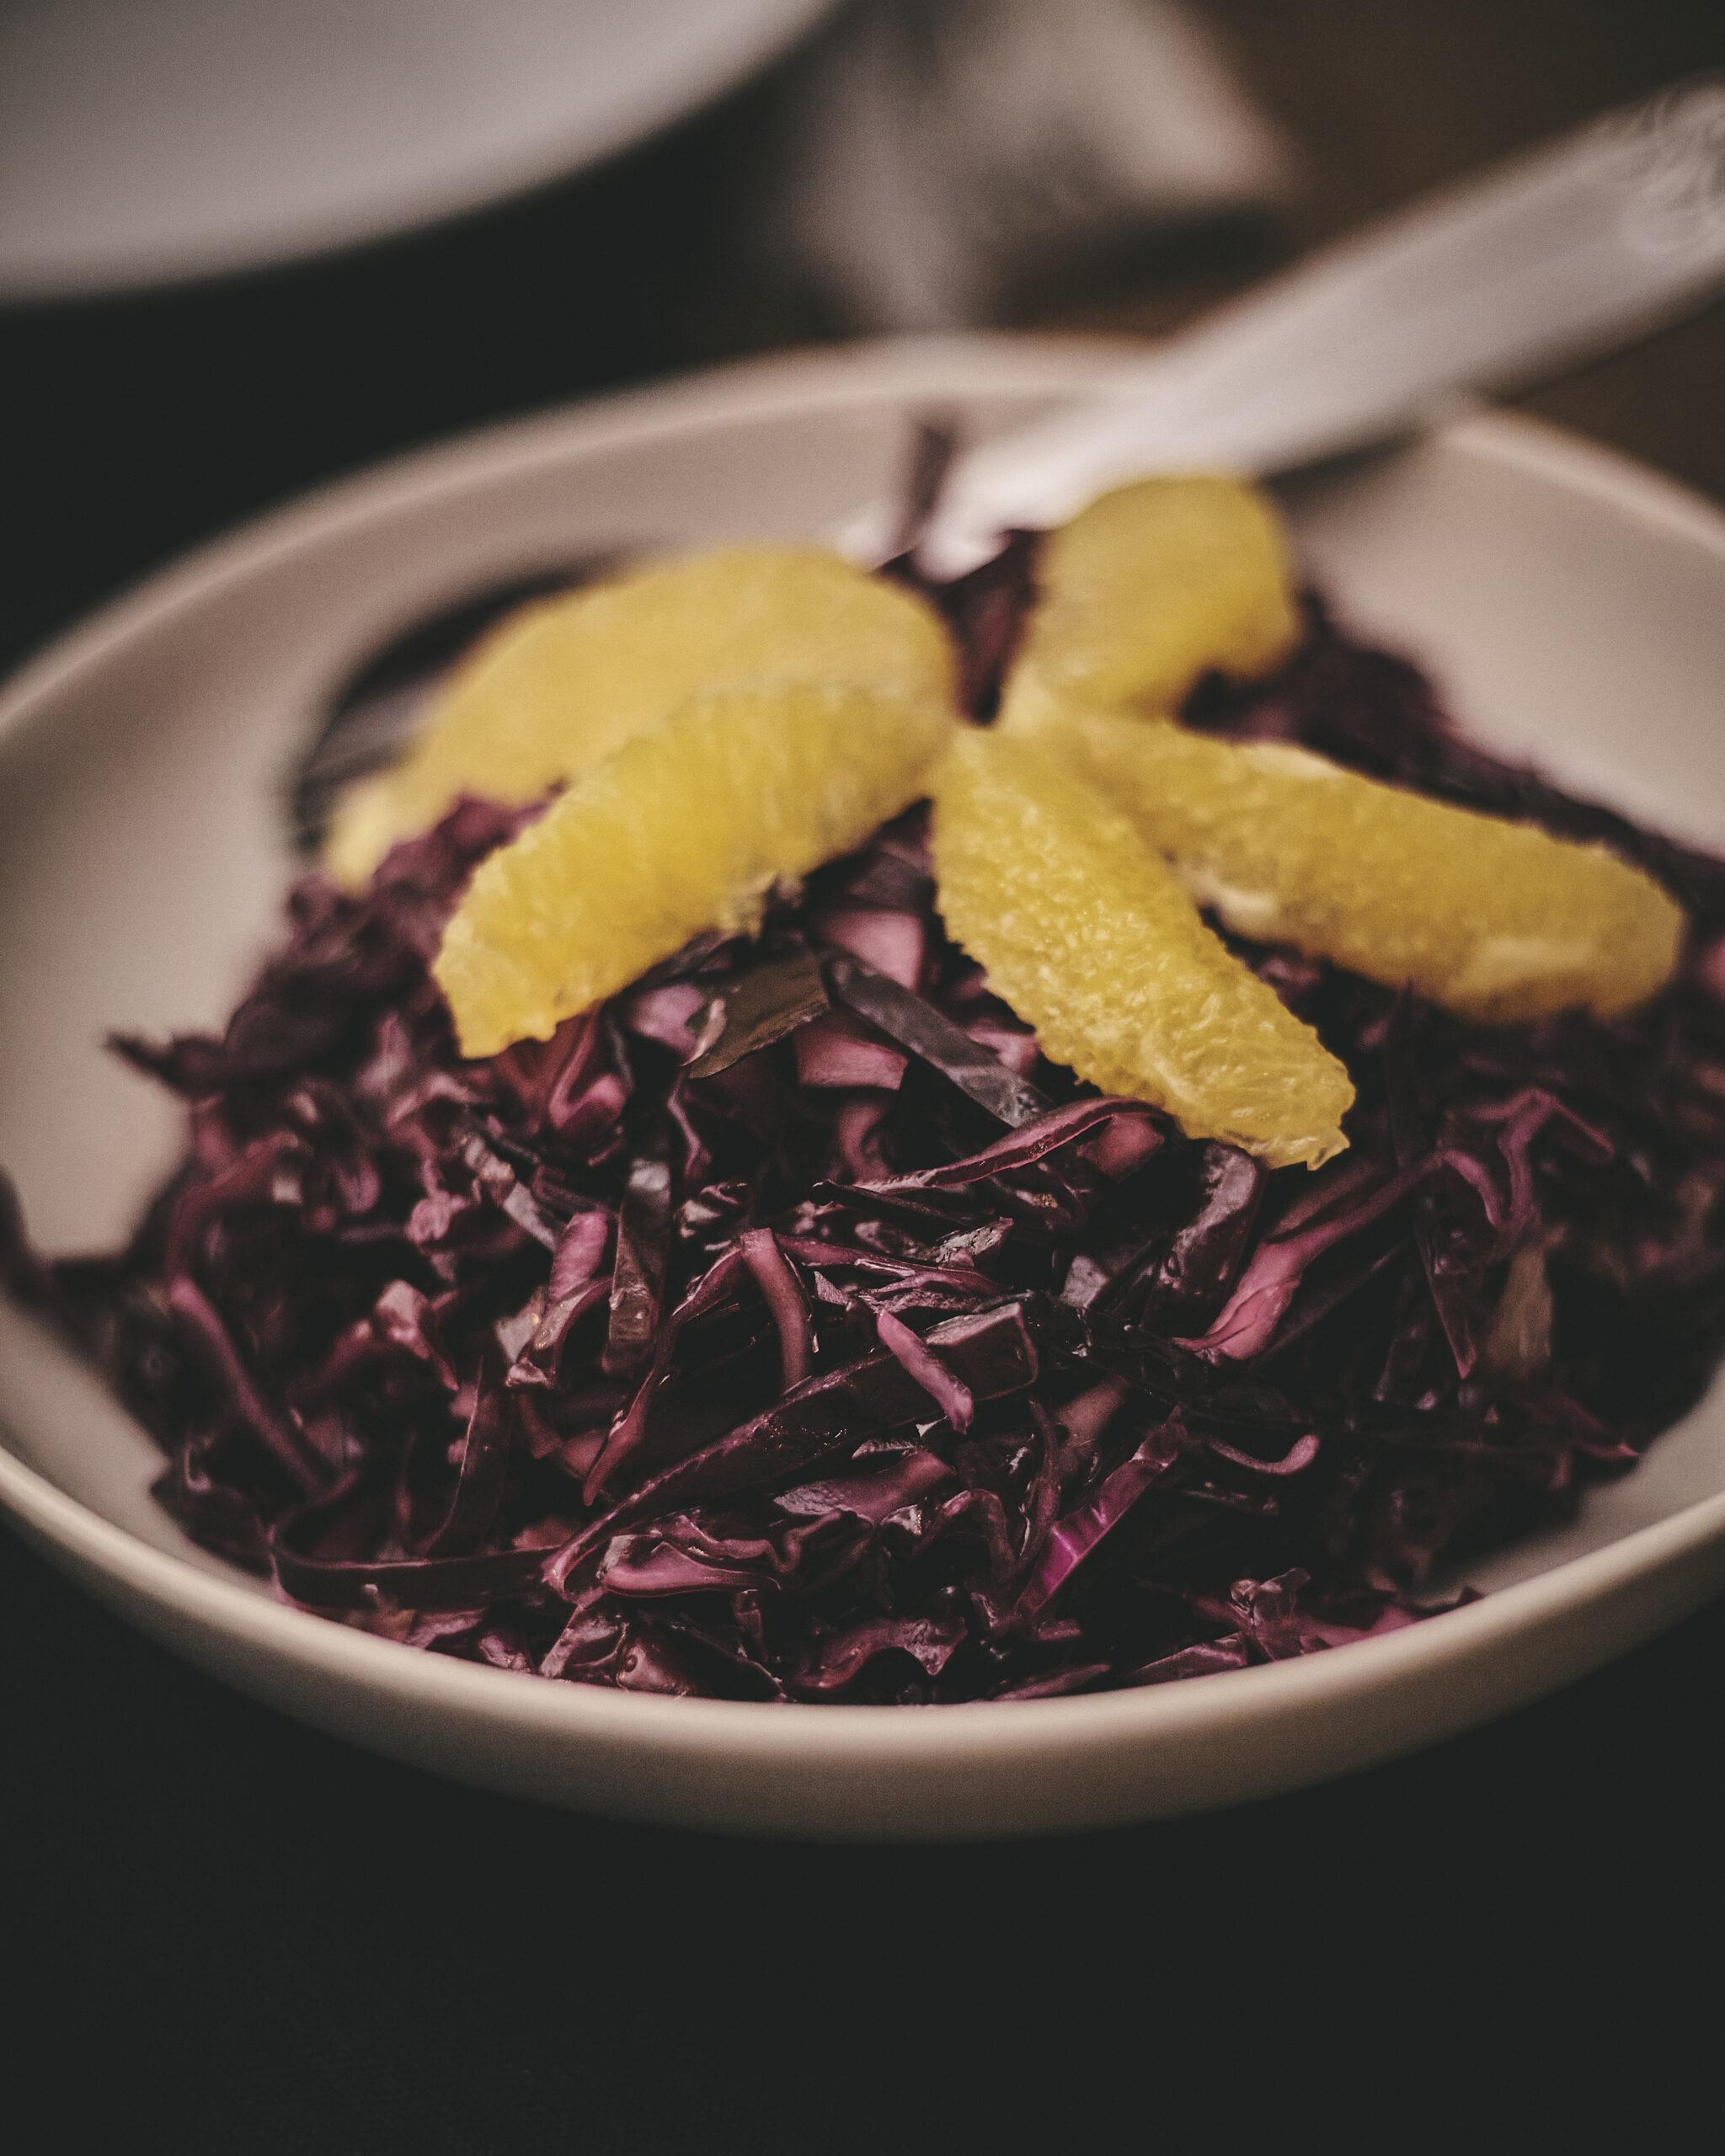 Blaukraut in Annas Küche Rezept Rotkraut selber machen Rohkost roh Orange